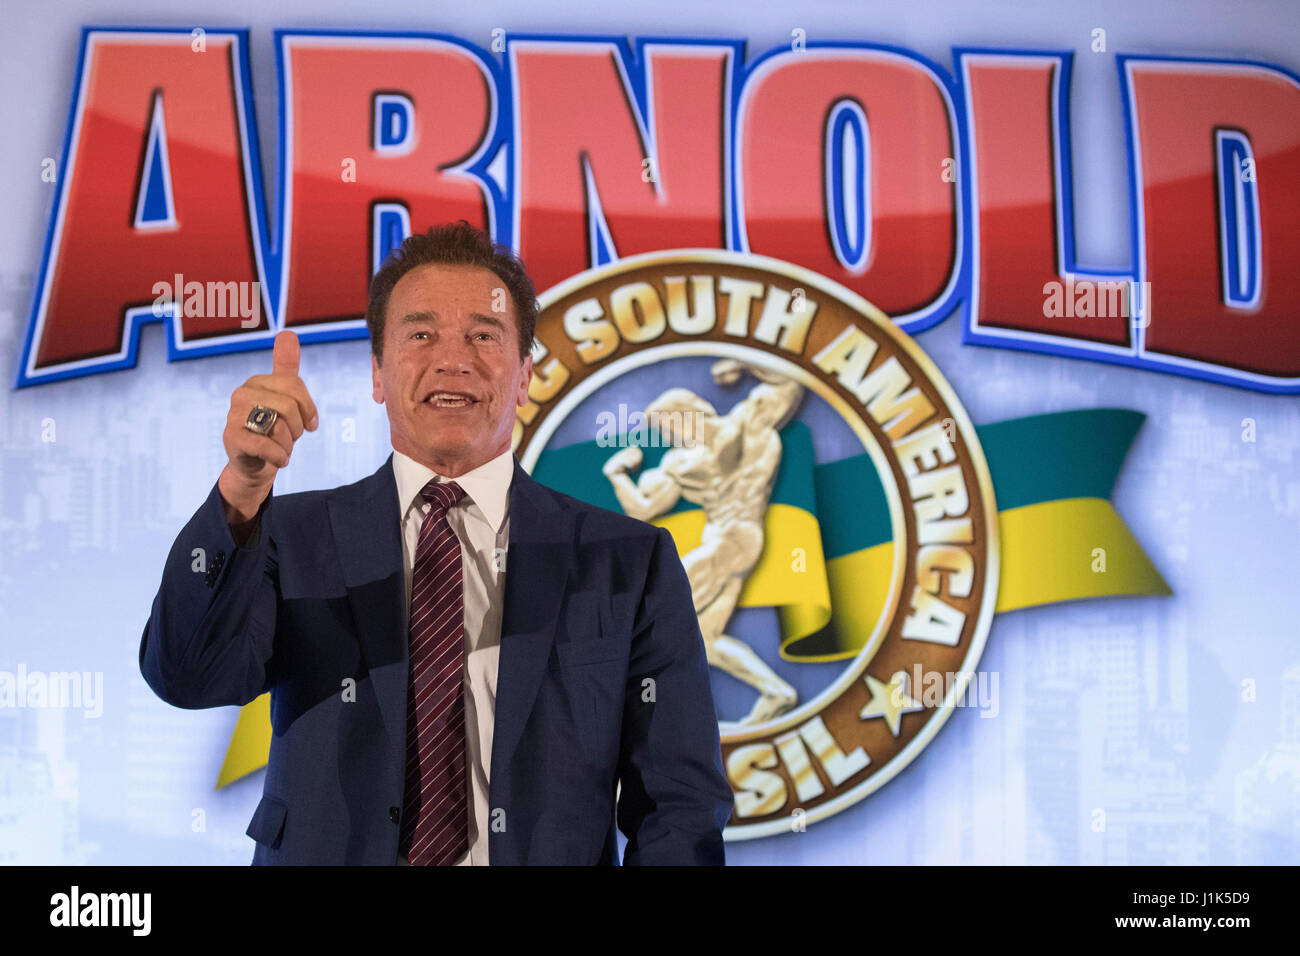 El actor estadounidense y musculoso Arnold Schwarzenegger sonríe durante una conferencia de prensa para presentar Imagen De Stock